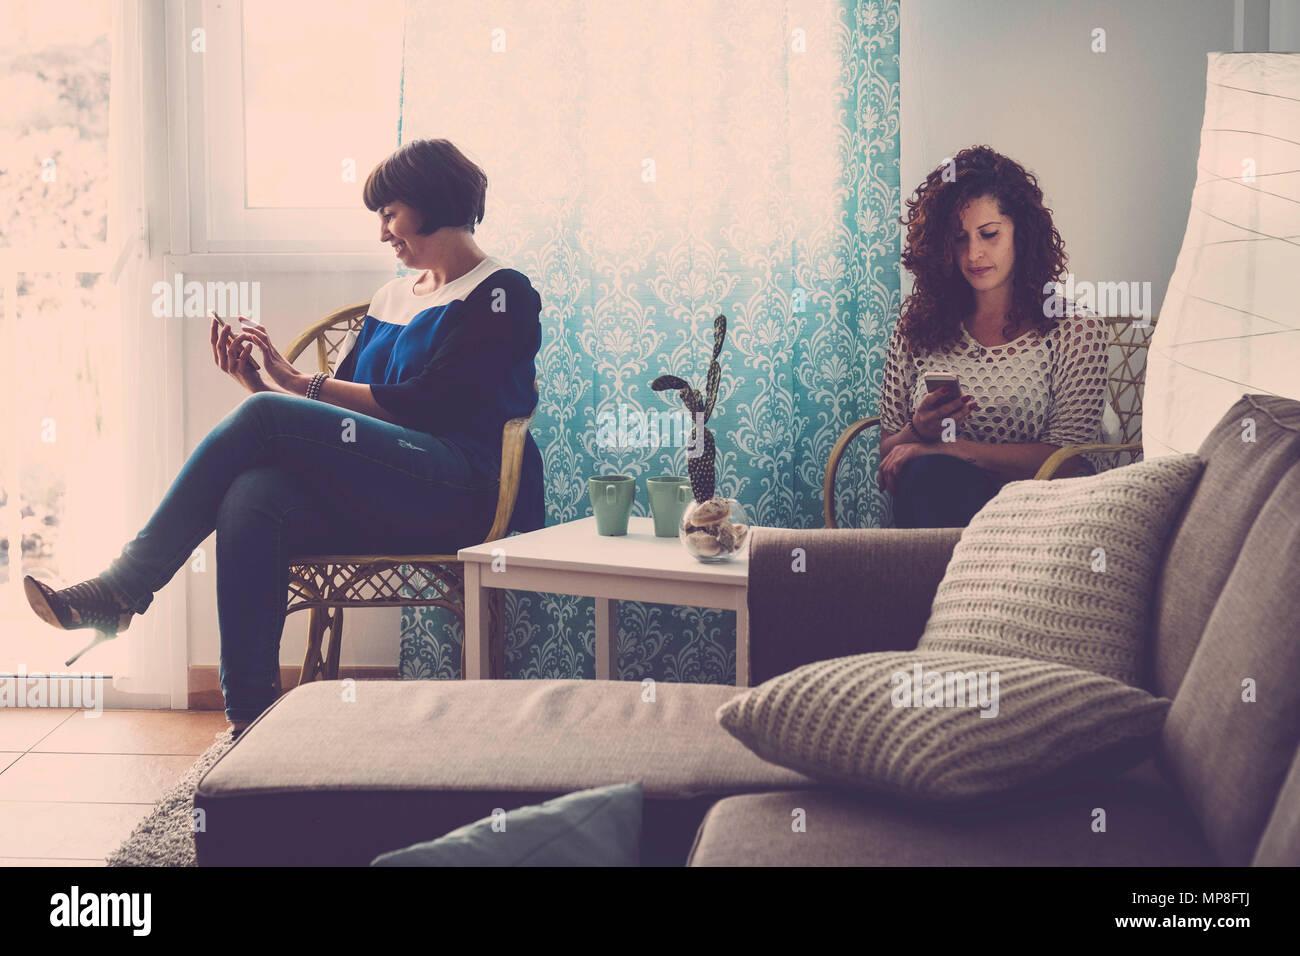 Zwei Frauen, die Freunde zu Hause jeder mit einem Handy Chat und suchen oder E-Mails abrufen. Nicht miteinander sprechen in einer modernen Technologie Freund zerstören. Stockbild